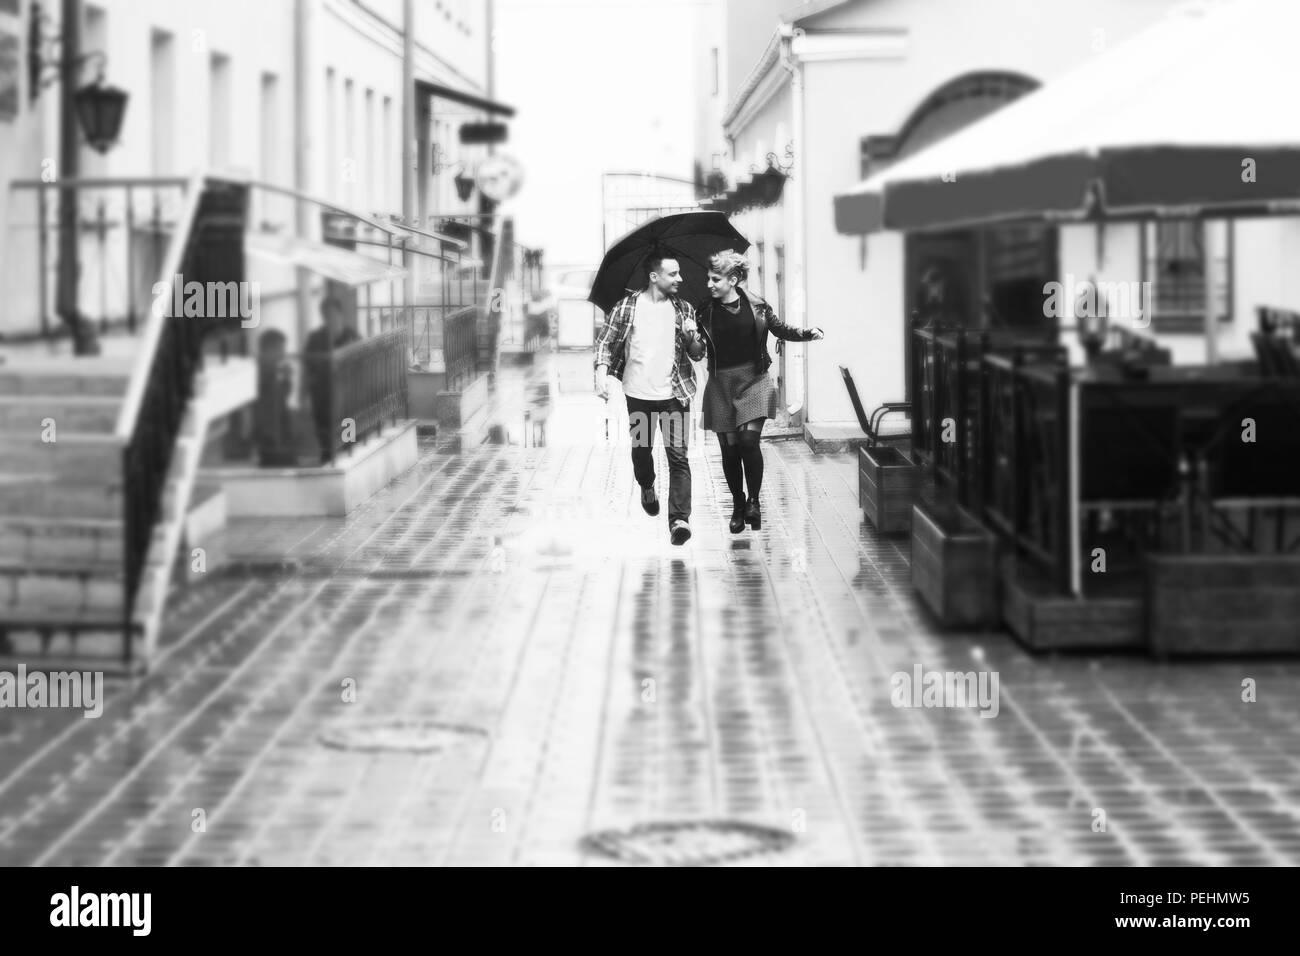 Concetto di amore: amare giovane sotto un ombrello camminando per le strade della città.in bianco e nero la foto in stile retrò Immagini Stock